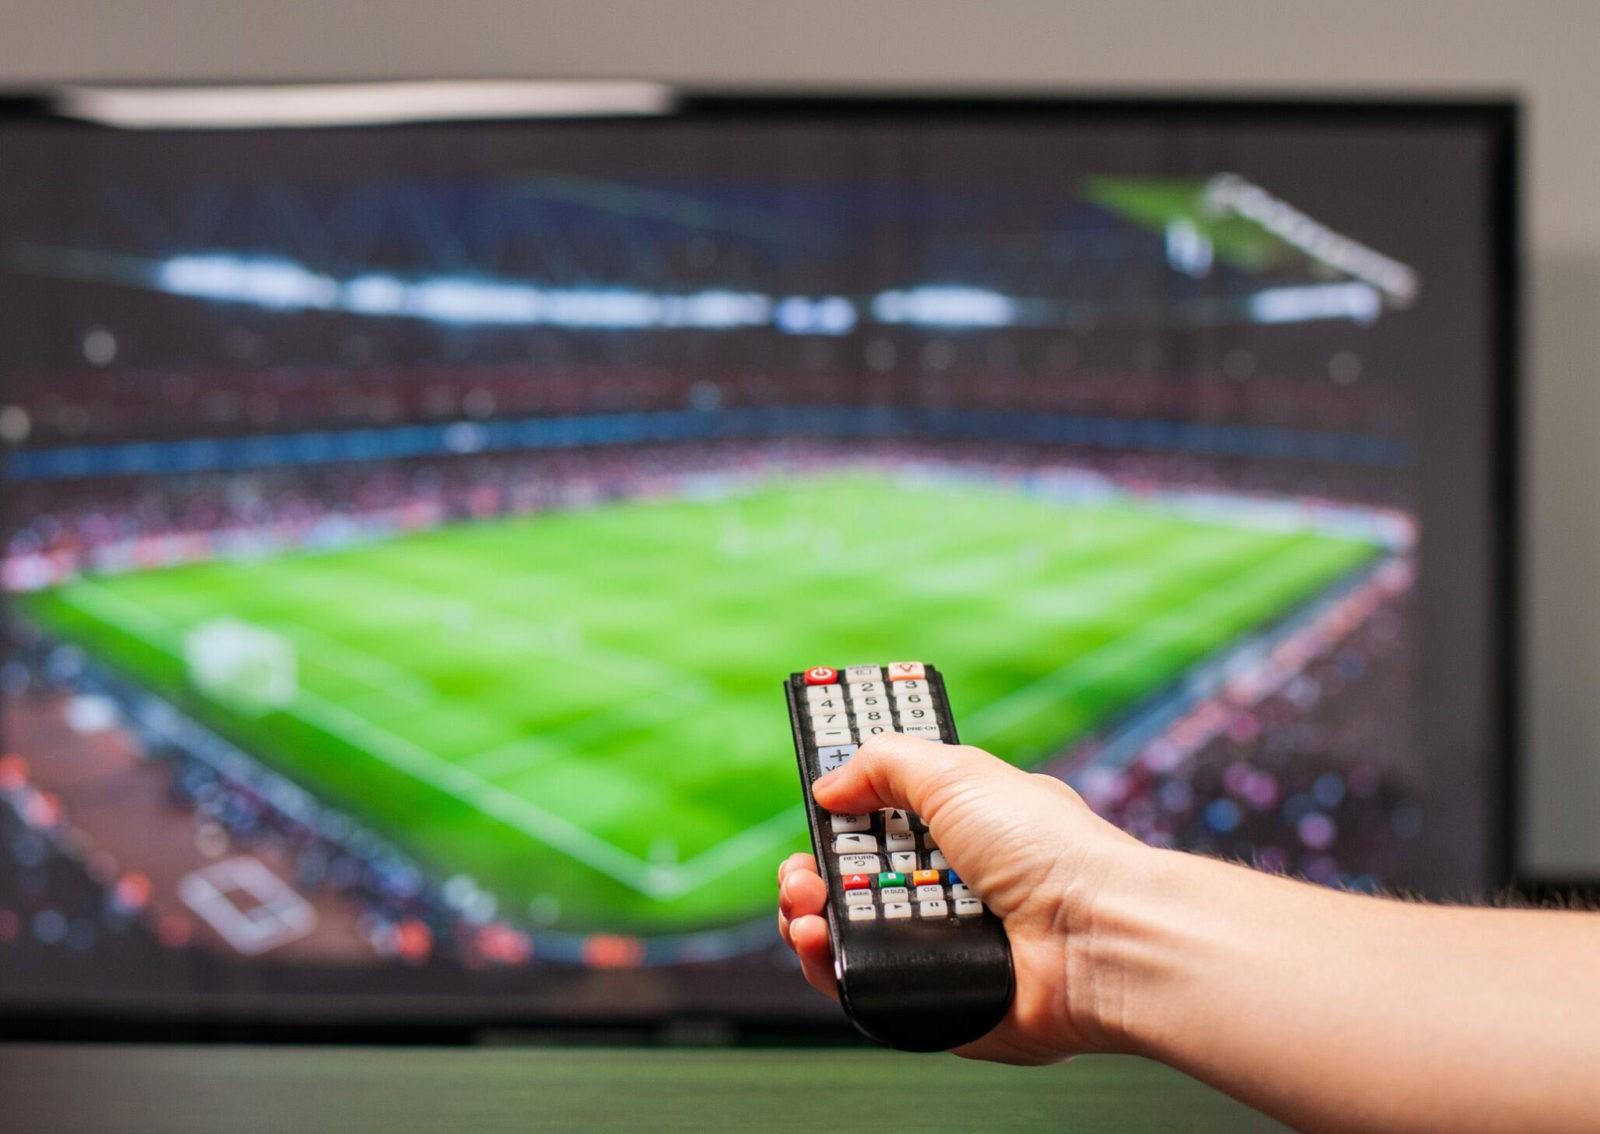 ROMÂNII NU MAI URMĂRESC MECIURILE DE FOTBAL LA TV